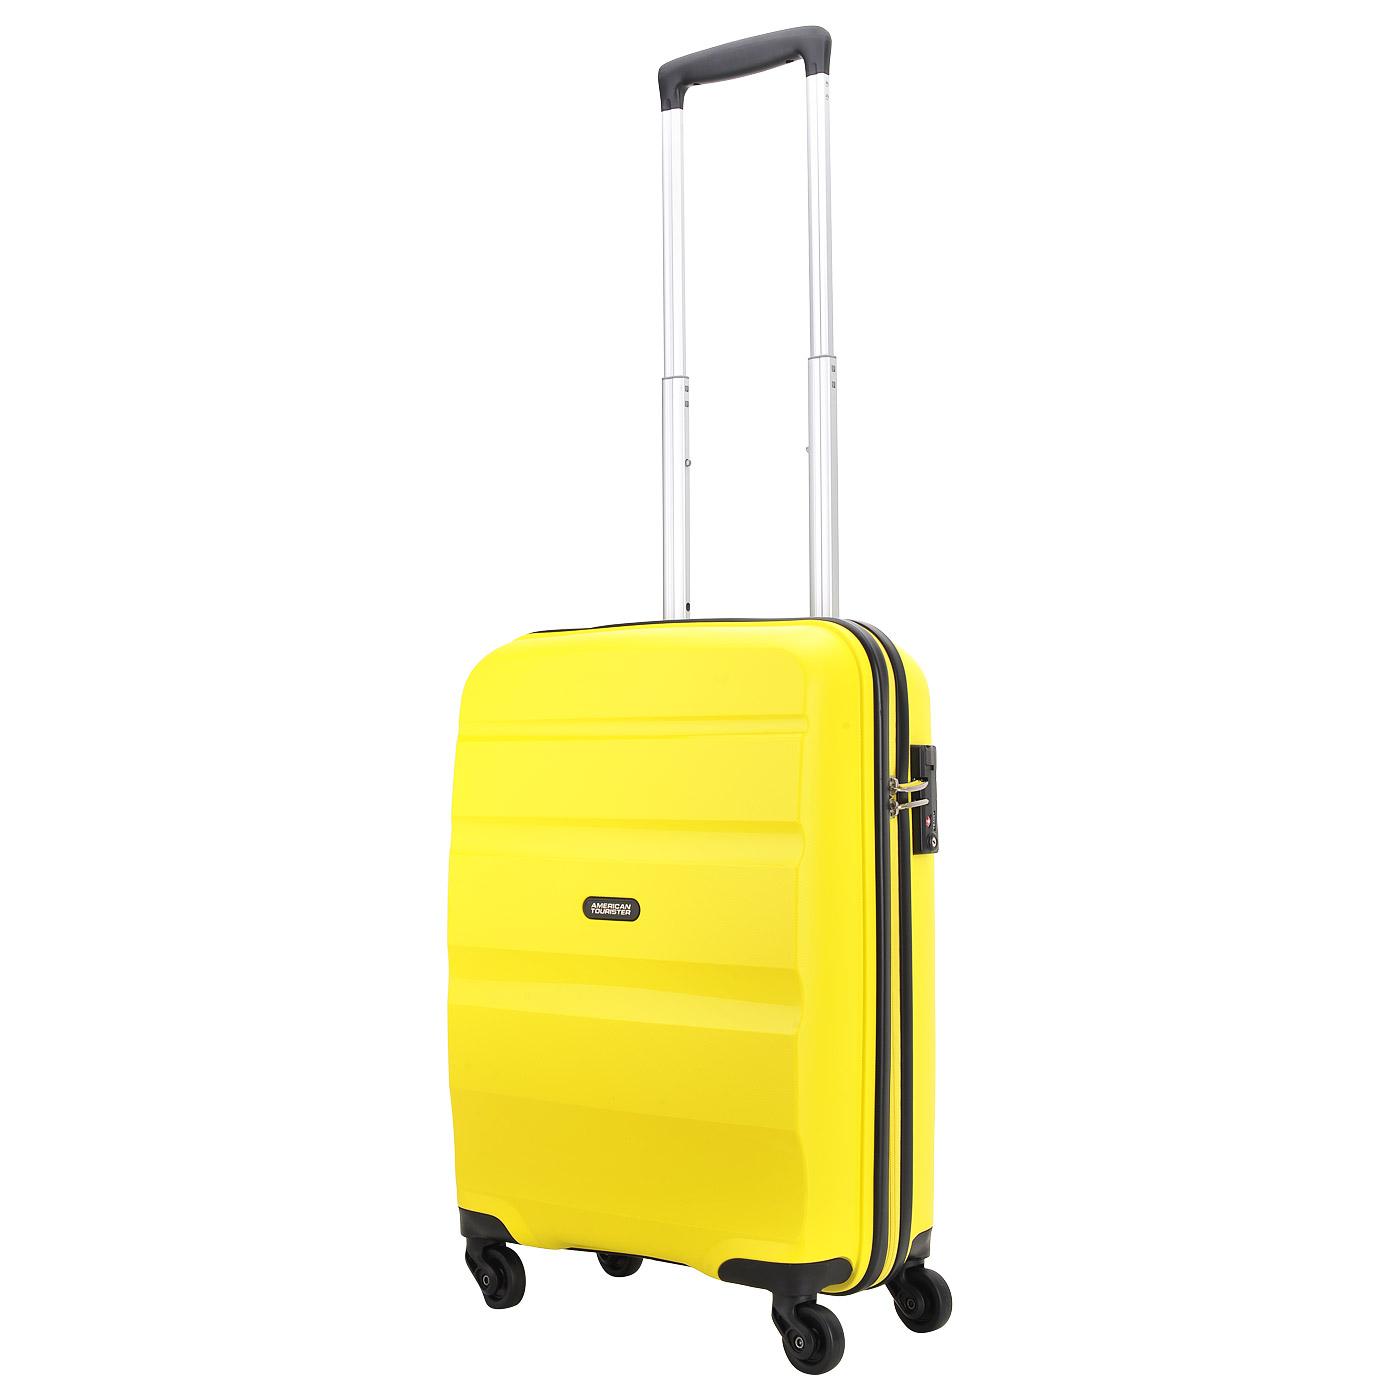 Купить чемодан в Москве для ручной клади